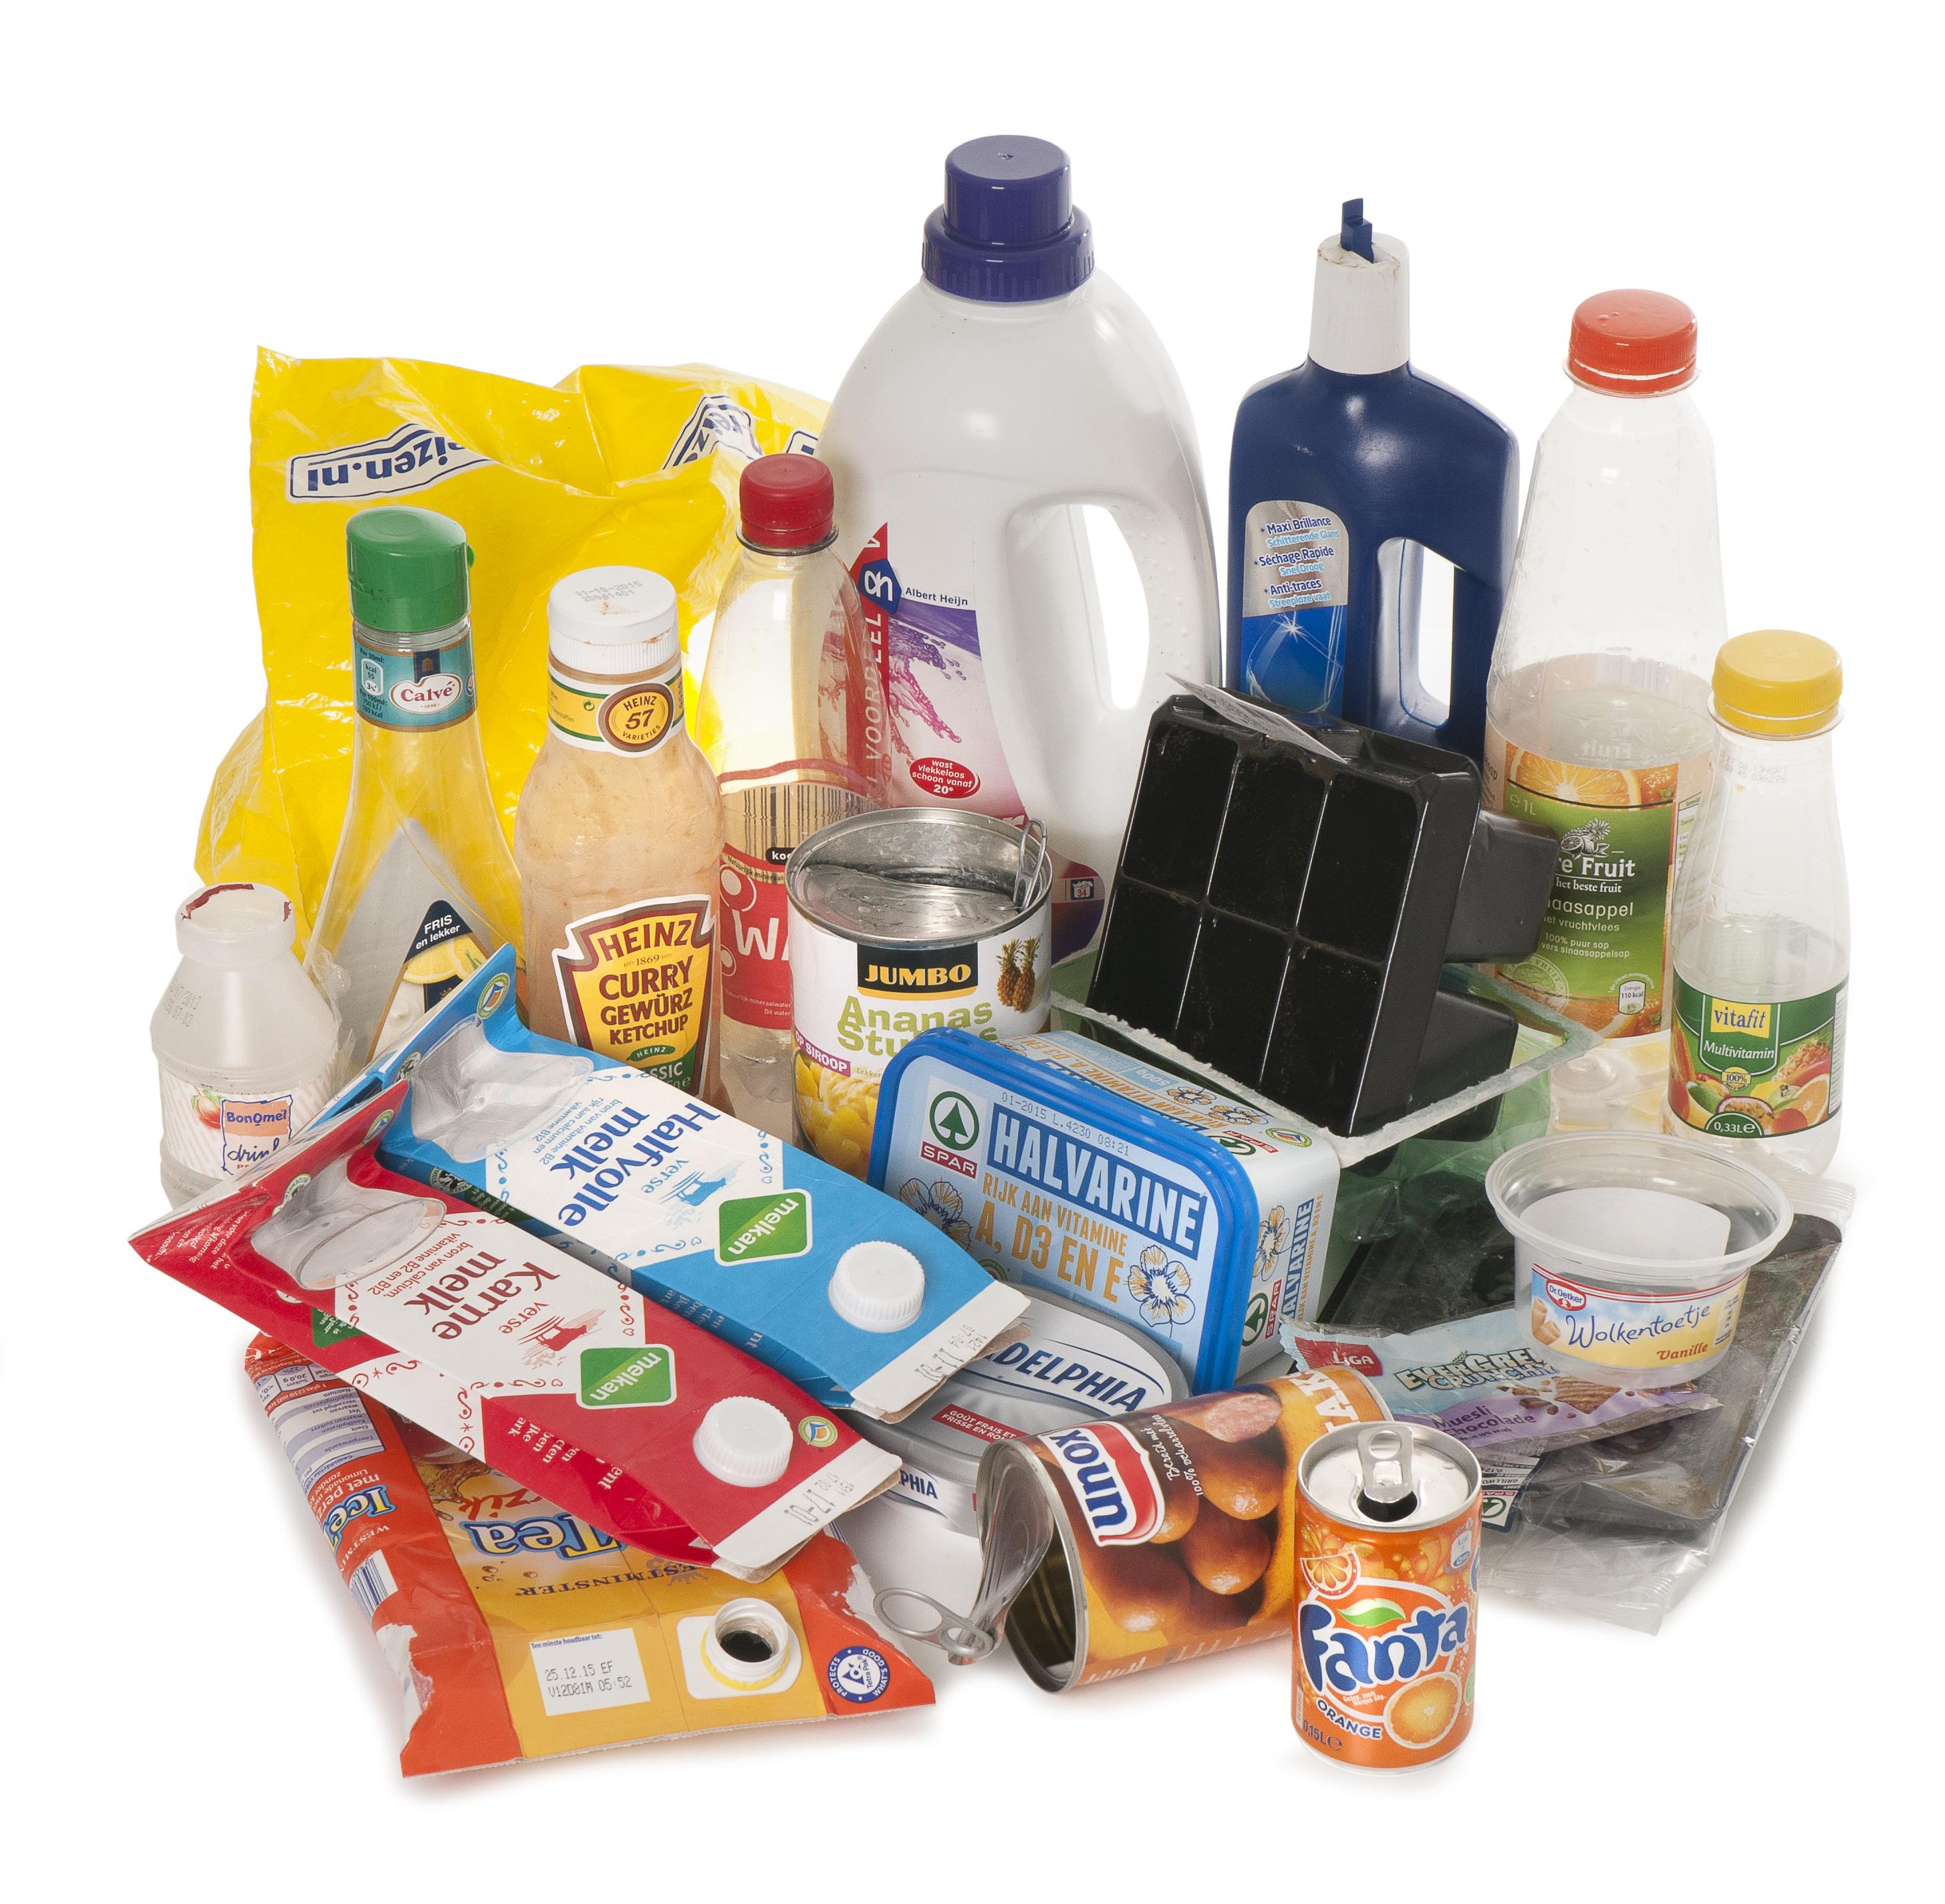 Pmd wat doen we ermee for Plastic verpakkingen